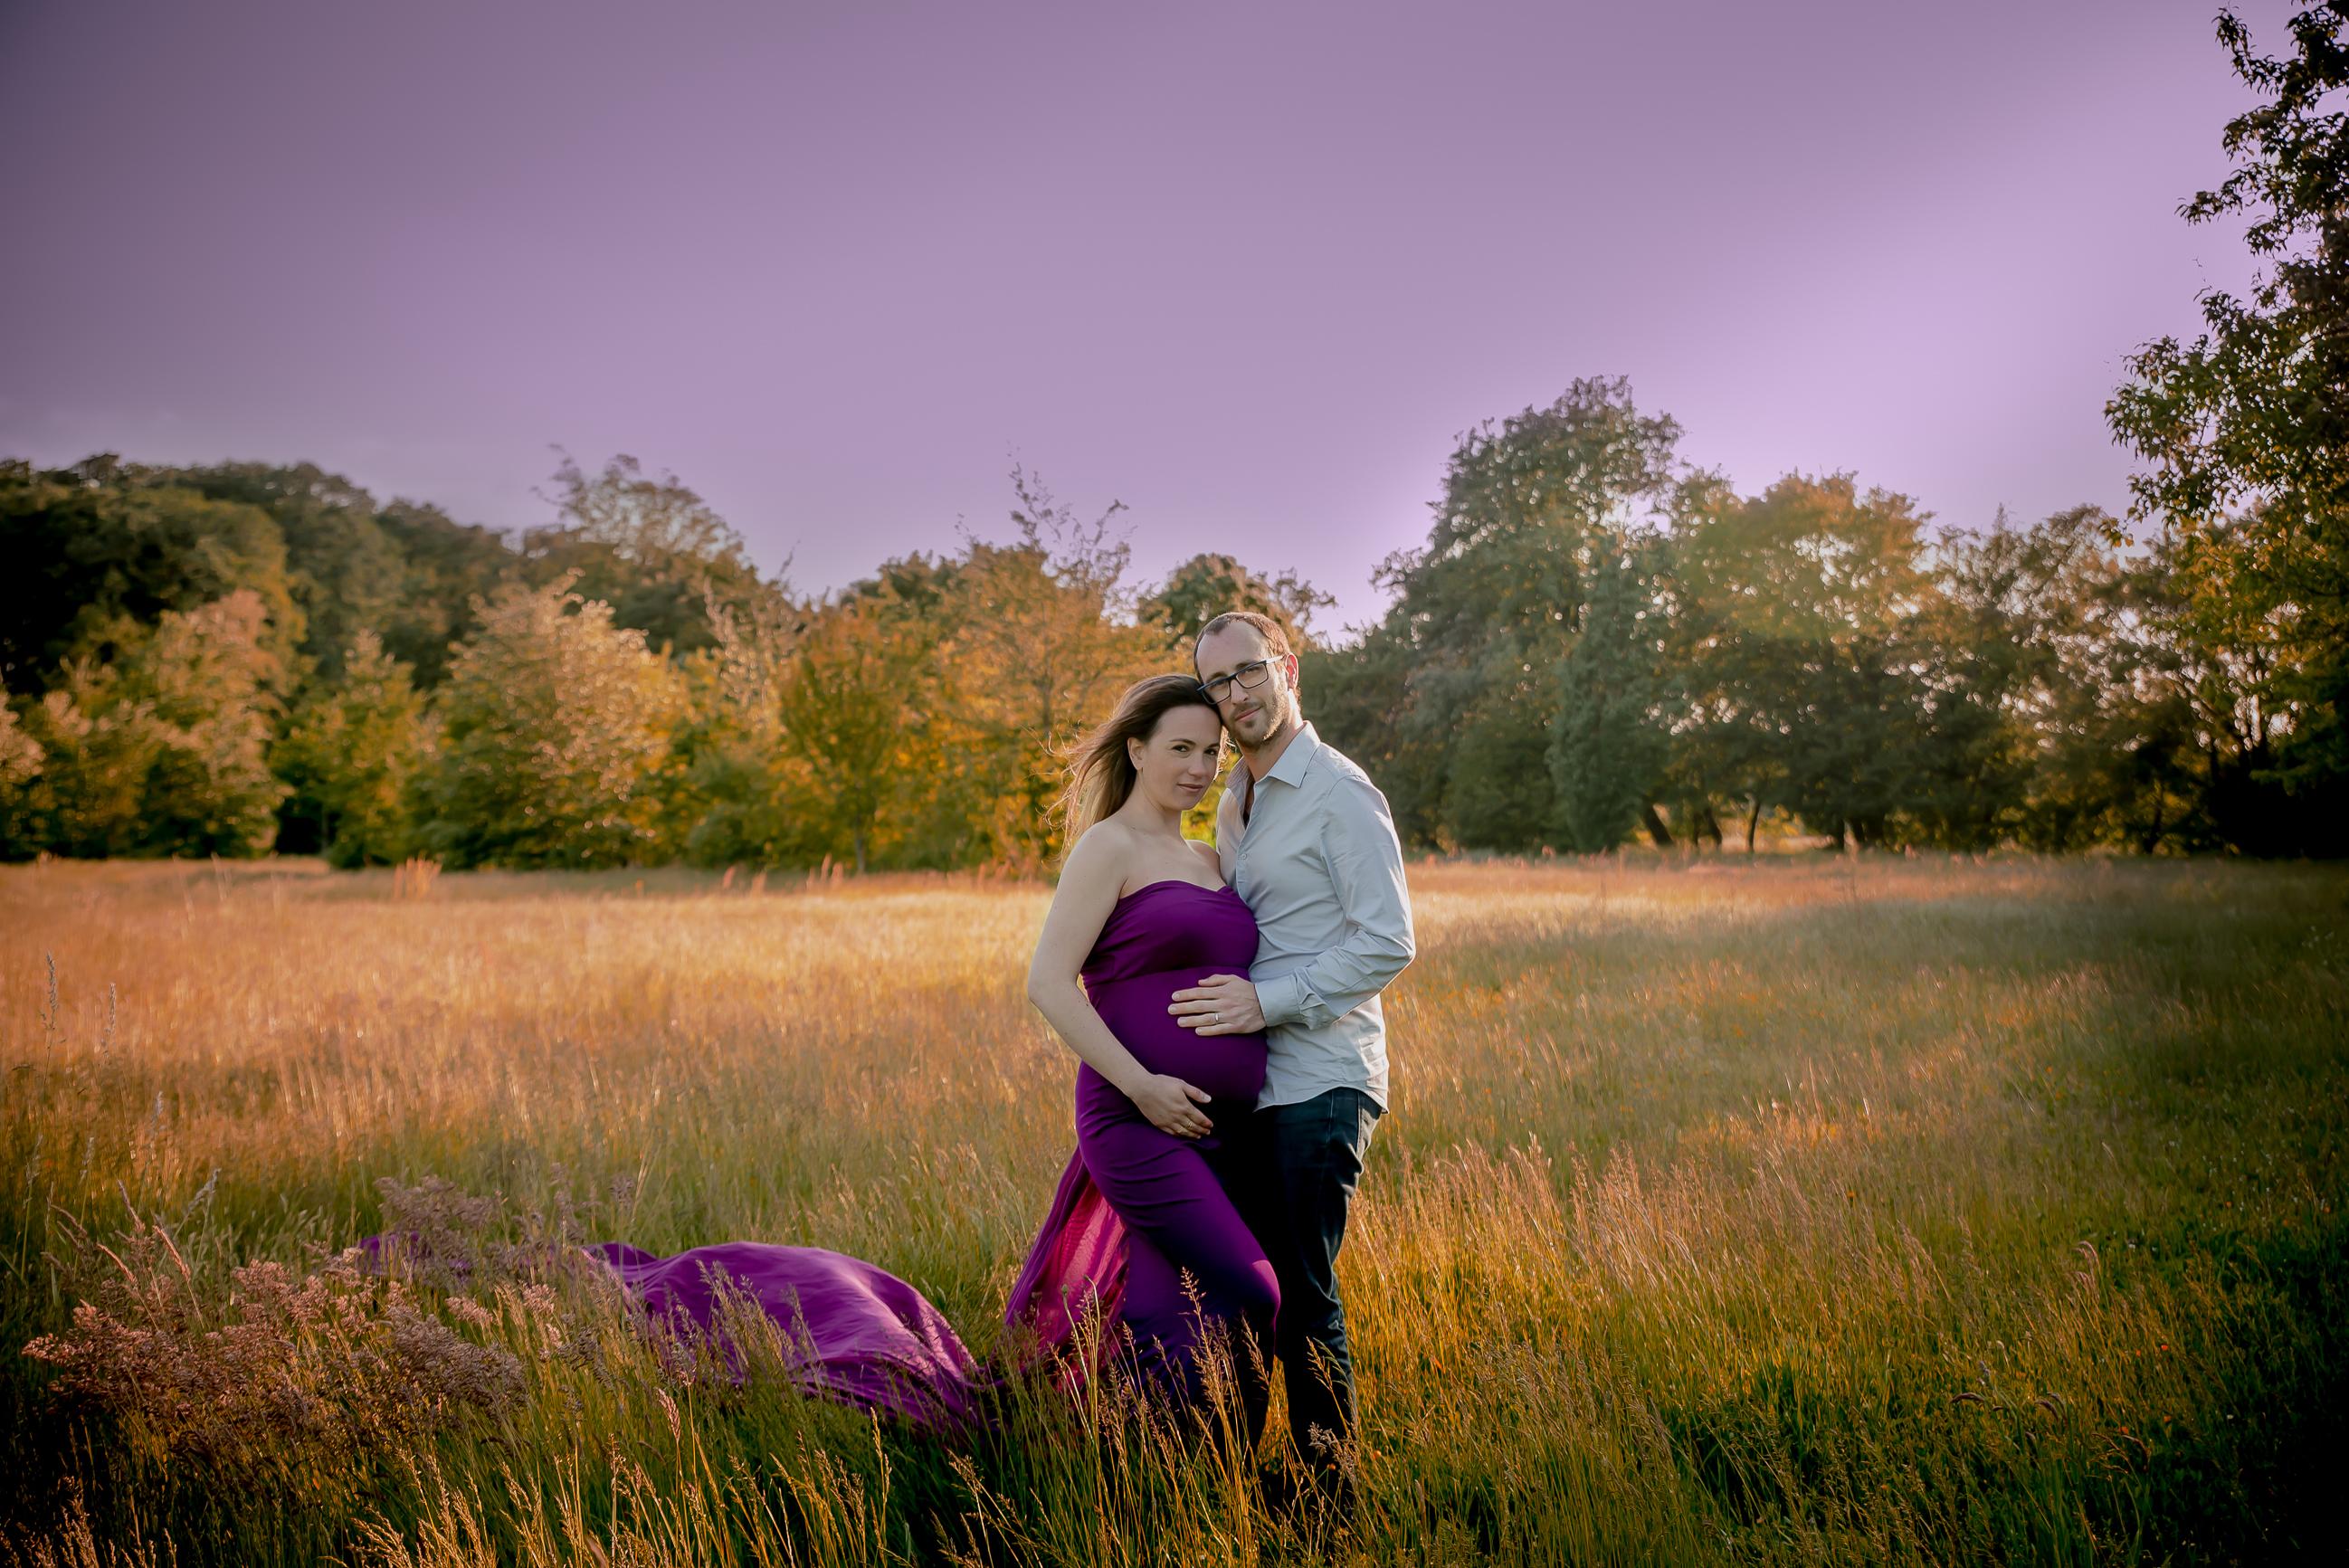 robe violette au coucher de soleil